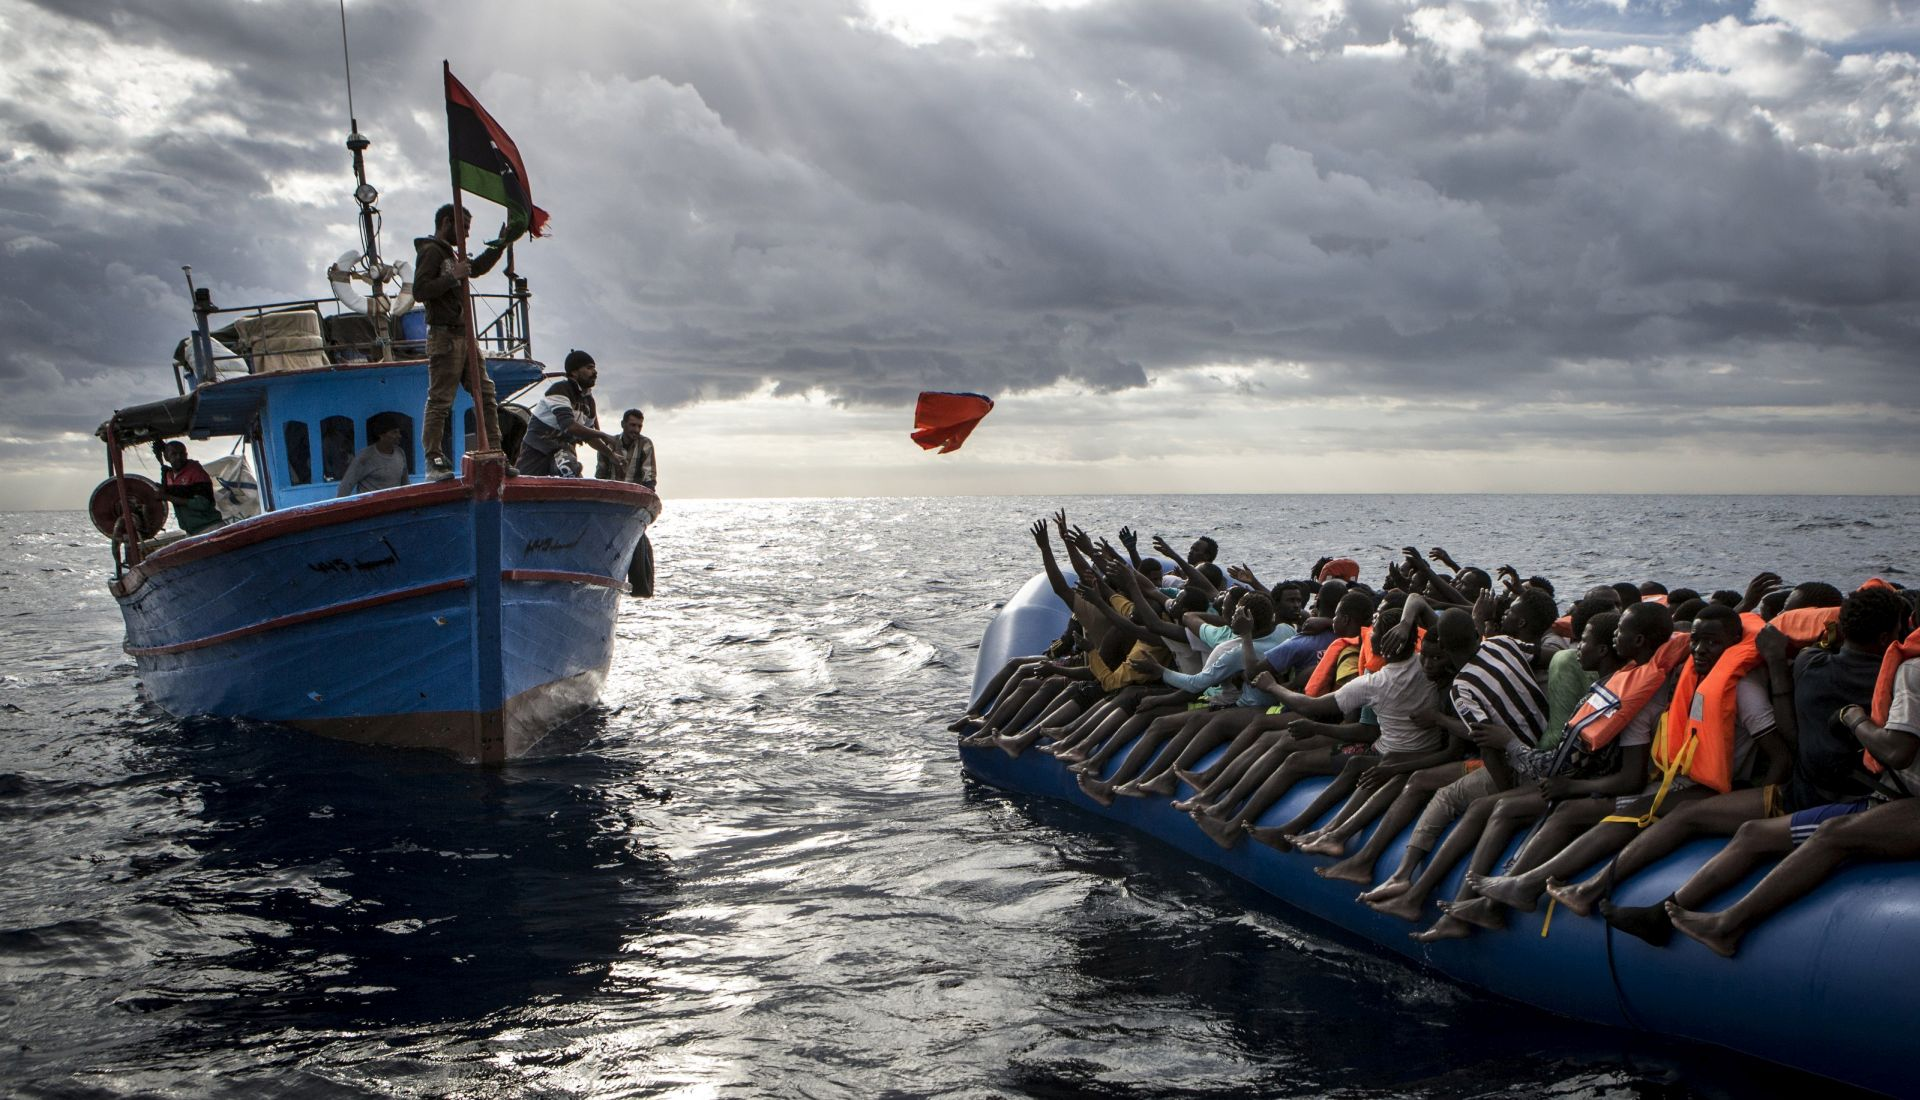 Talijanski tužitelj optužuje NGO za povezanost s krijumčarima migranata